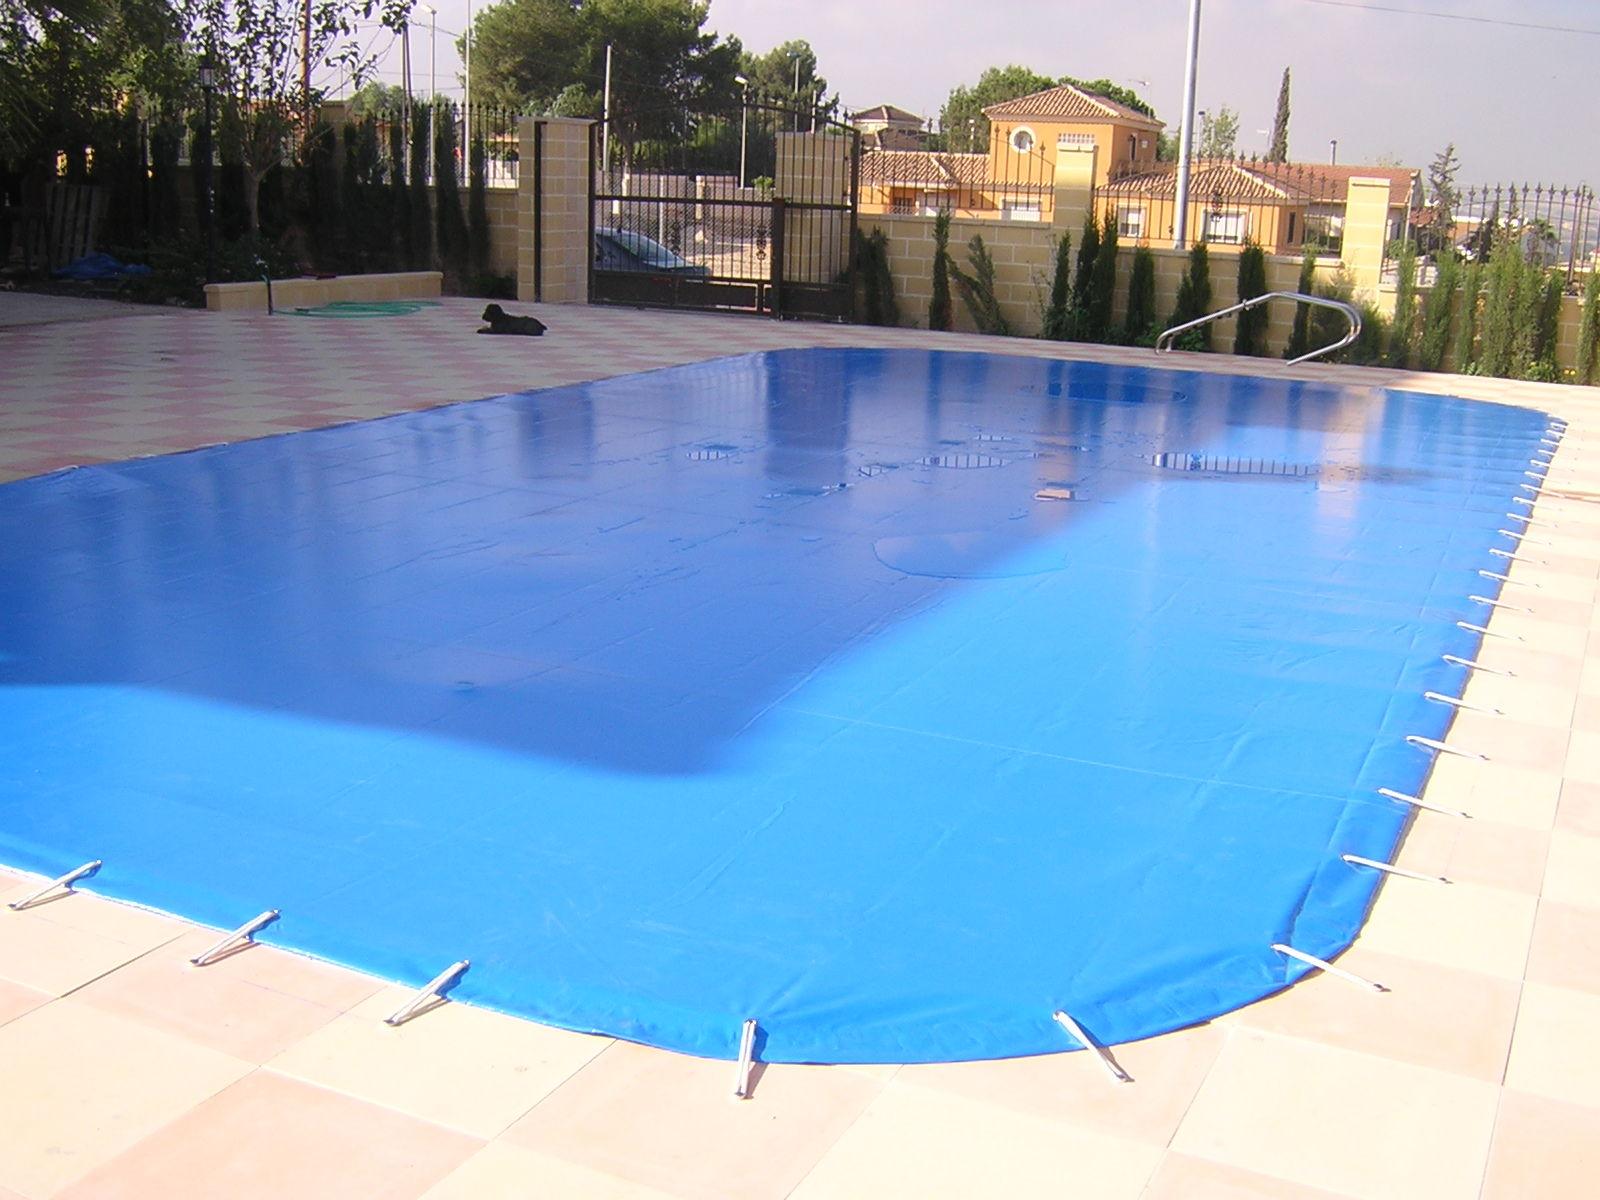 Lona piscina servicios de persianas y toldos de la cruz s l for Toldos para piscinas